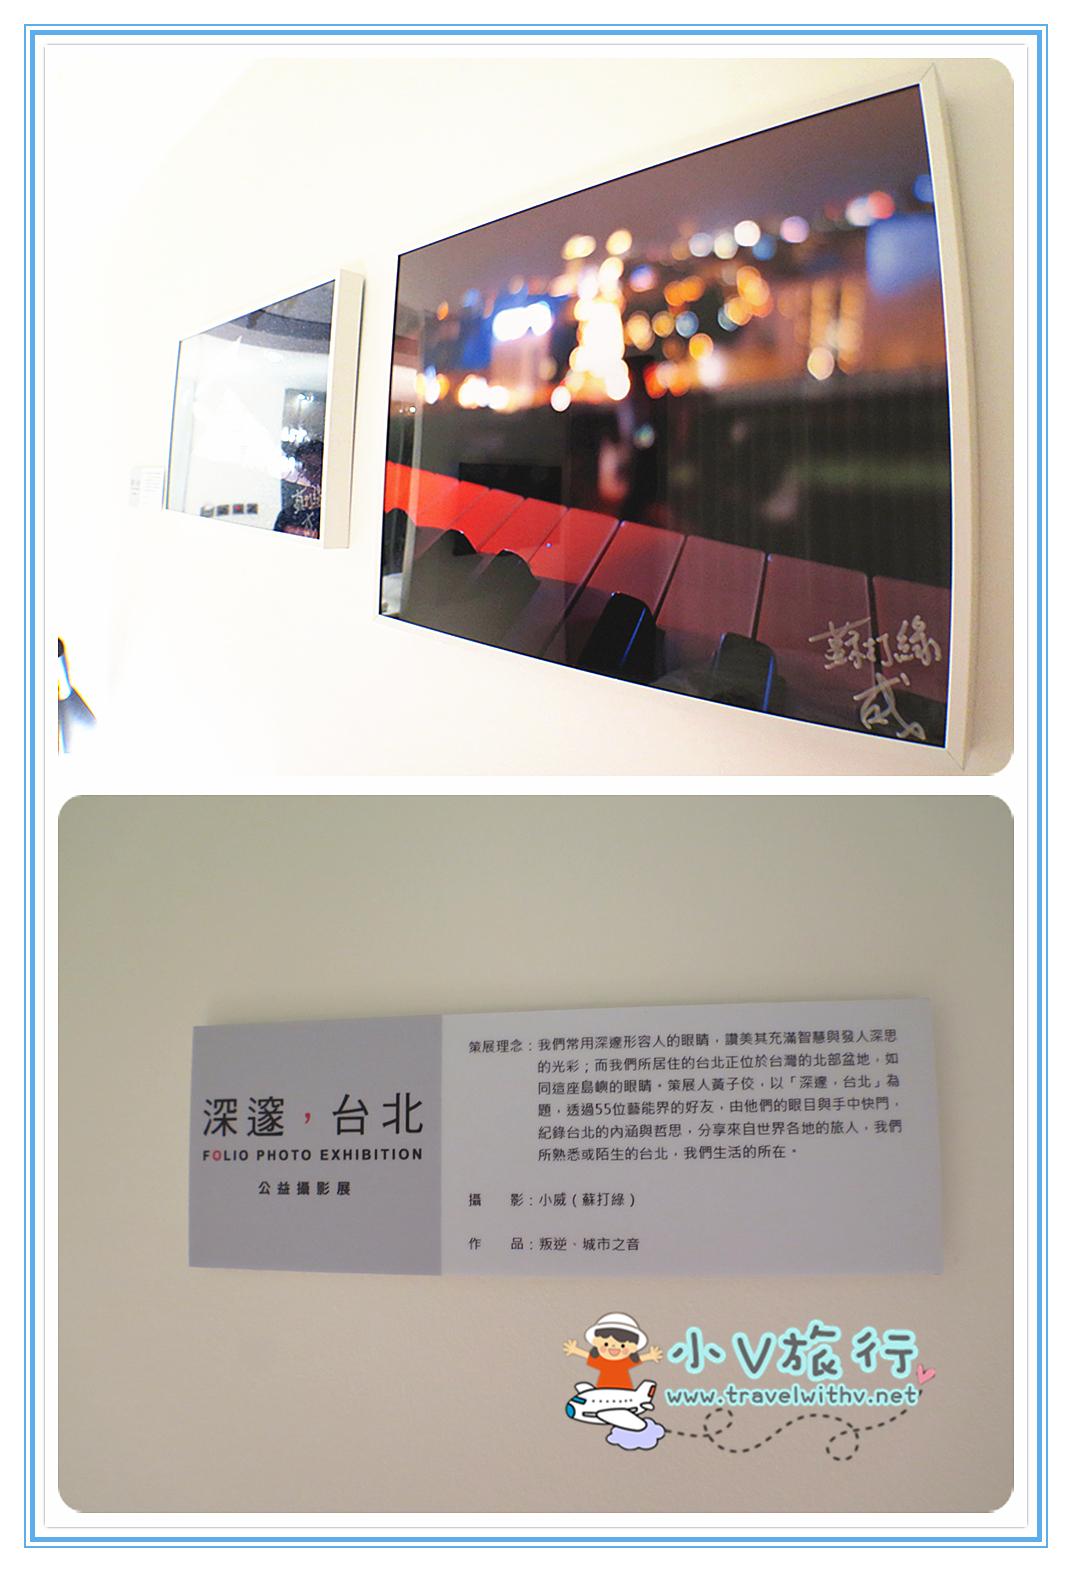 台北大安住宿 富藝旅台北大安 Folio Daan Taipei